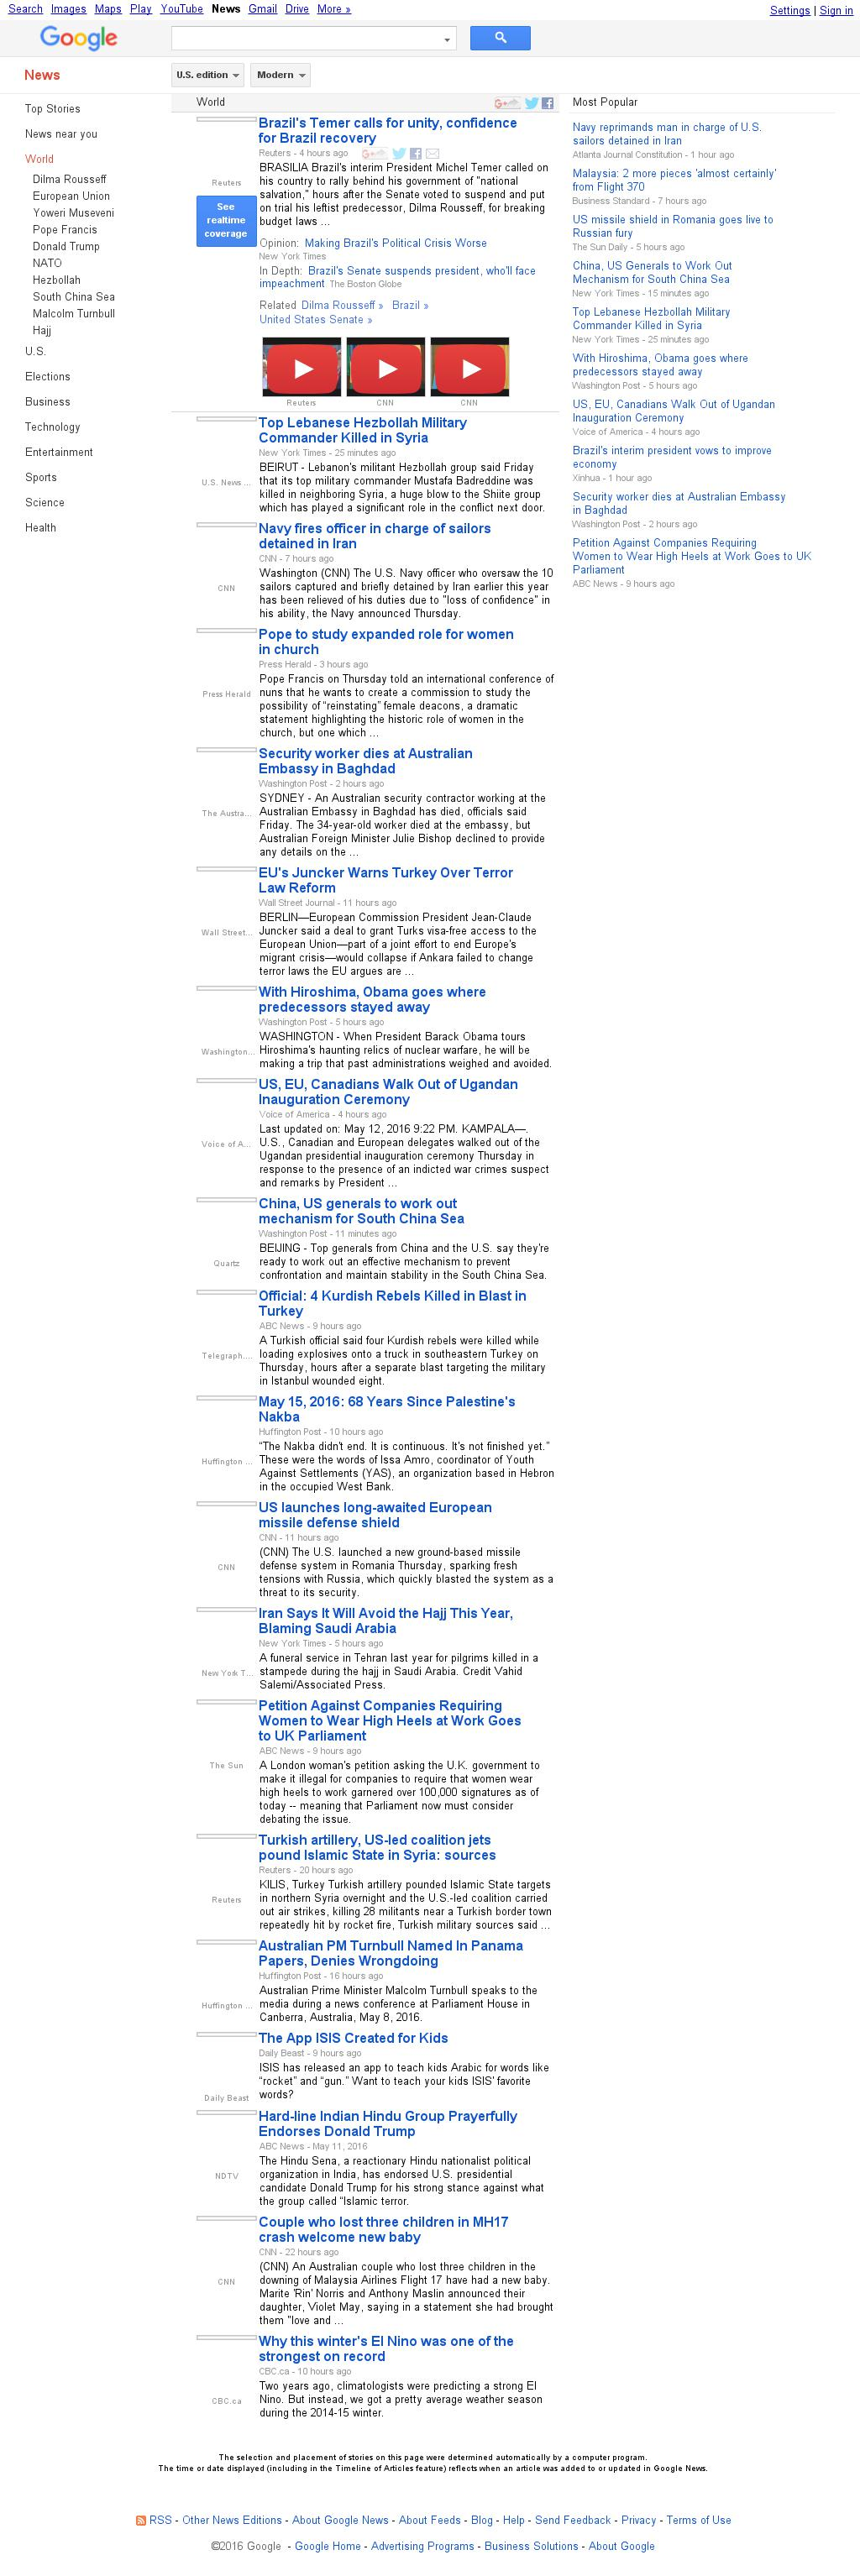 Google News: World at Friday May 13, 2016, 6:09 a.m. UTC